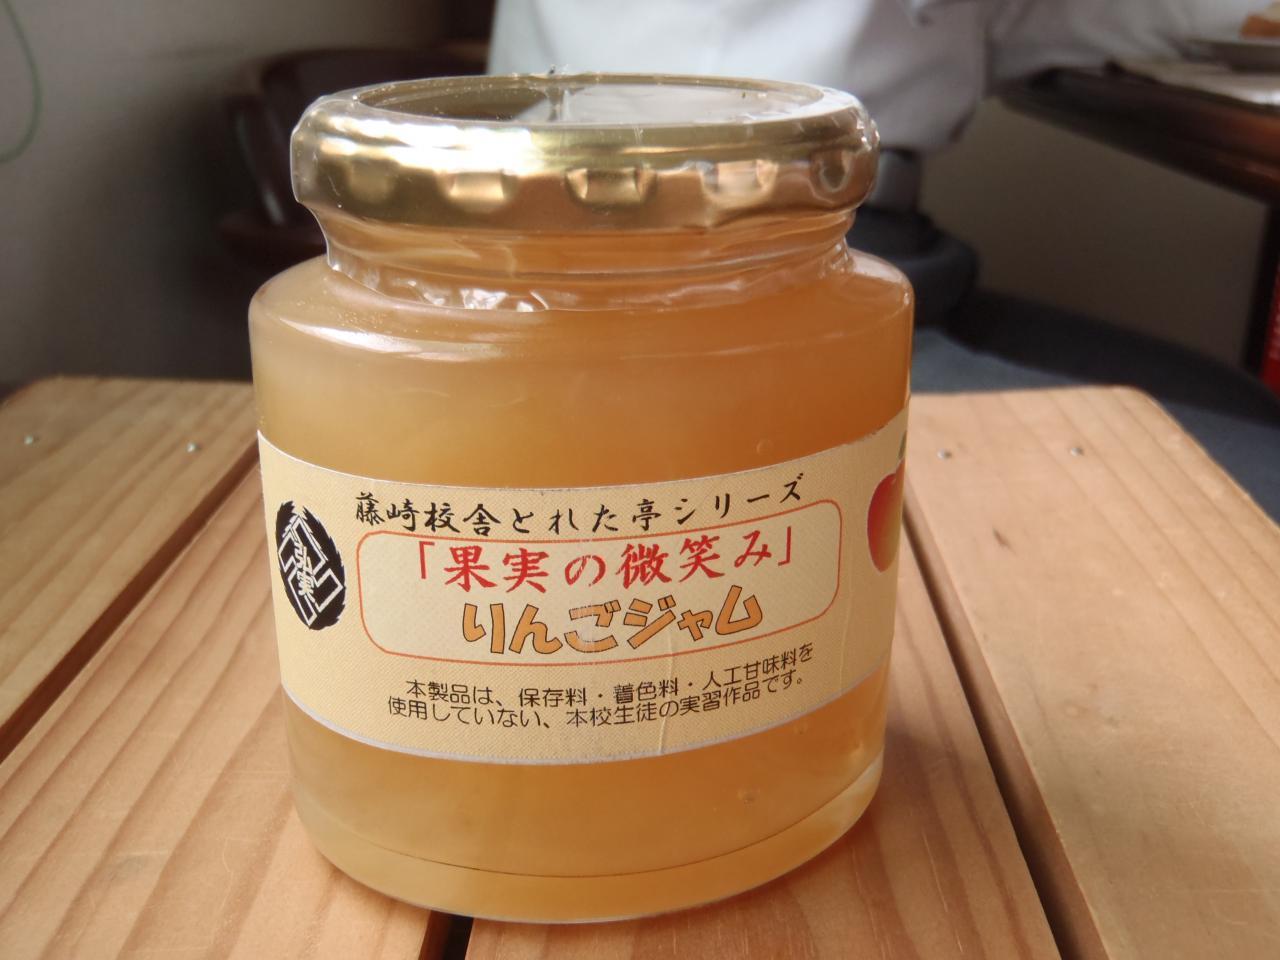 高校オリジナルの一品~旧藤崎園芸高校のリンゴジャム~